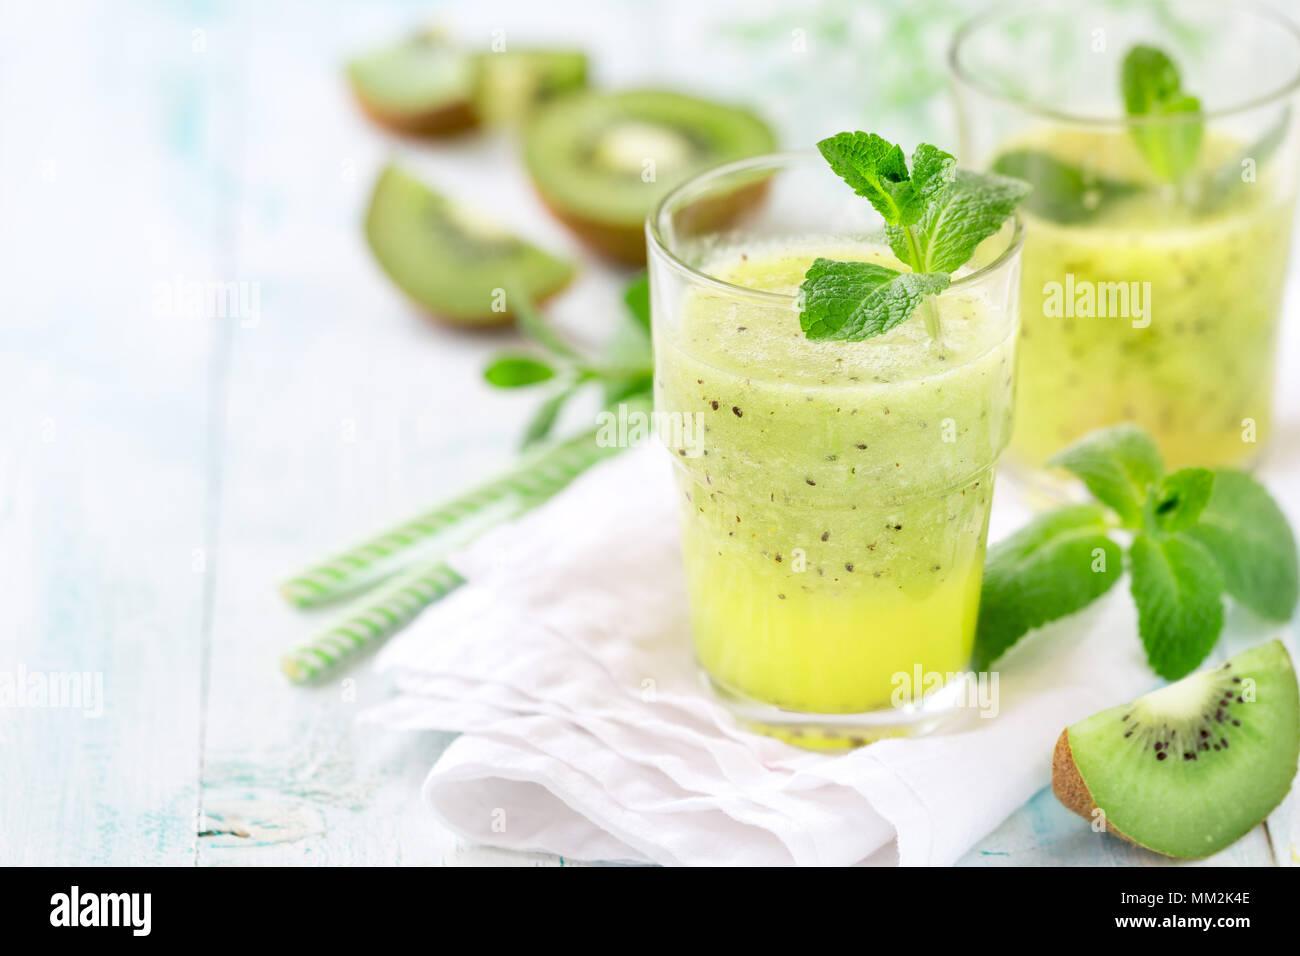 Antiossidante sani e detox smoothie con kiwi, succo di mela e menta. Copia con spazio per il testo Immagini Stock